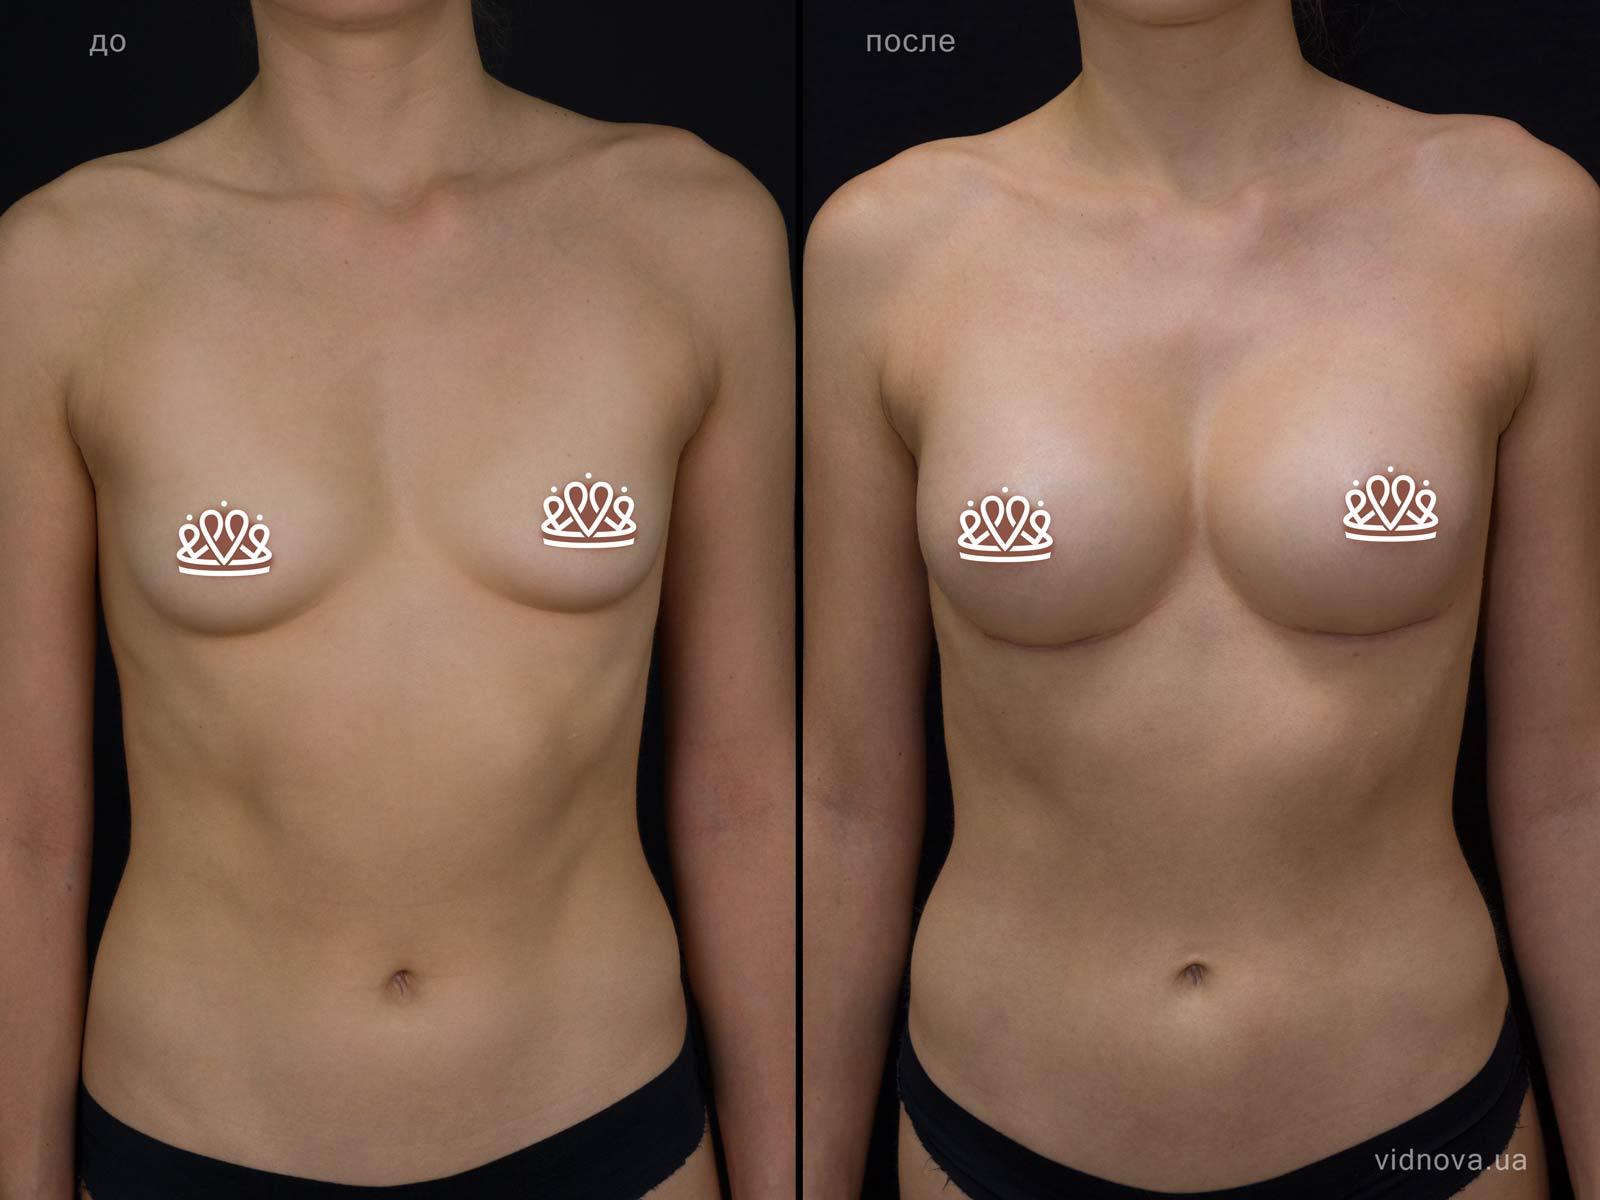 Пластика груди: результаты до и после - Пример №115-0 - Светлана Работенко